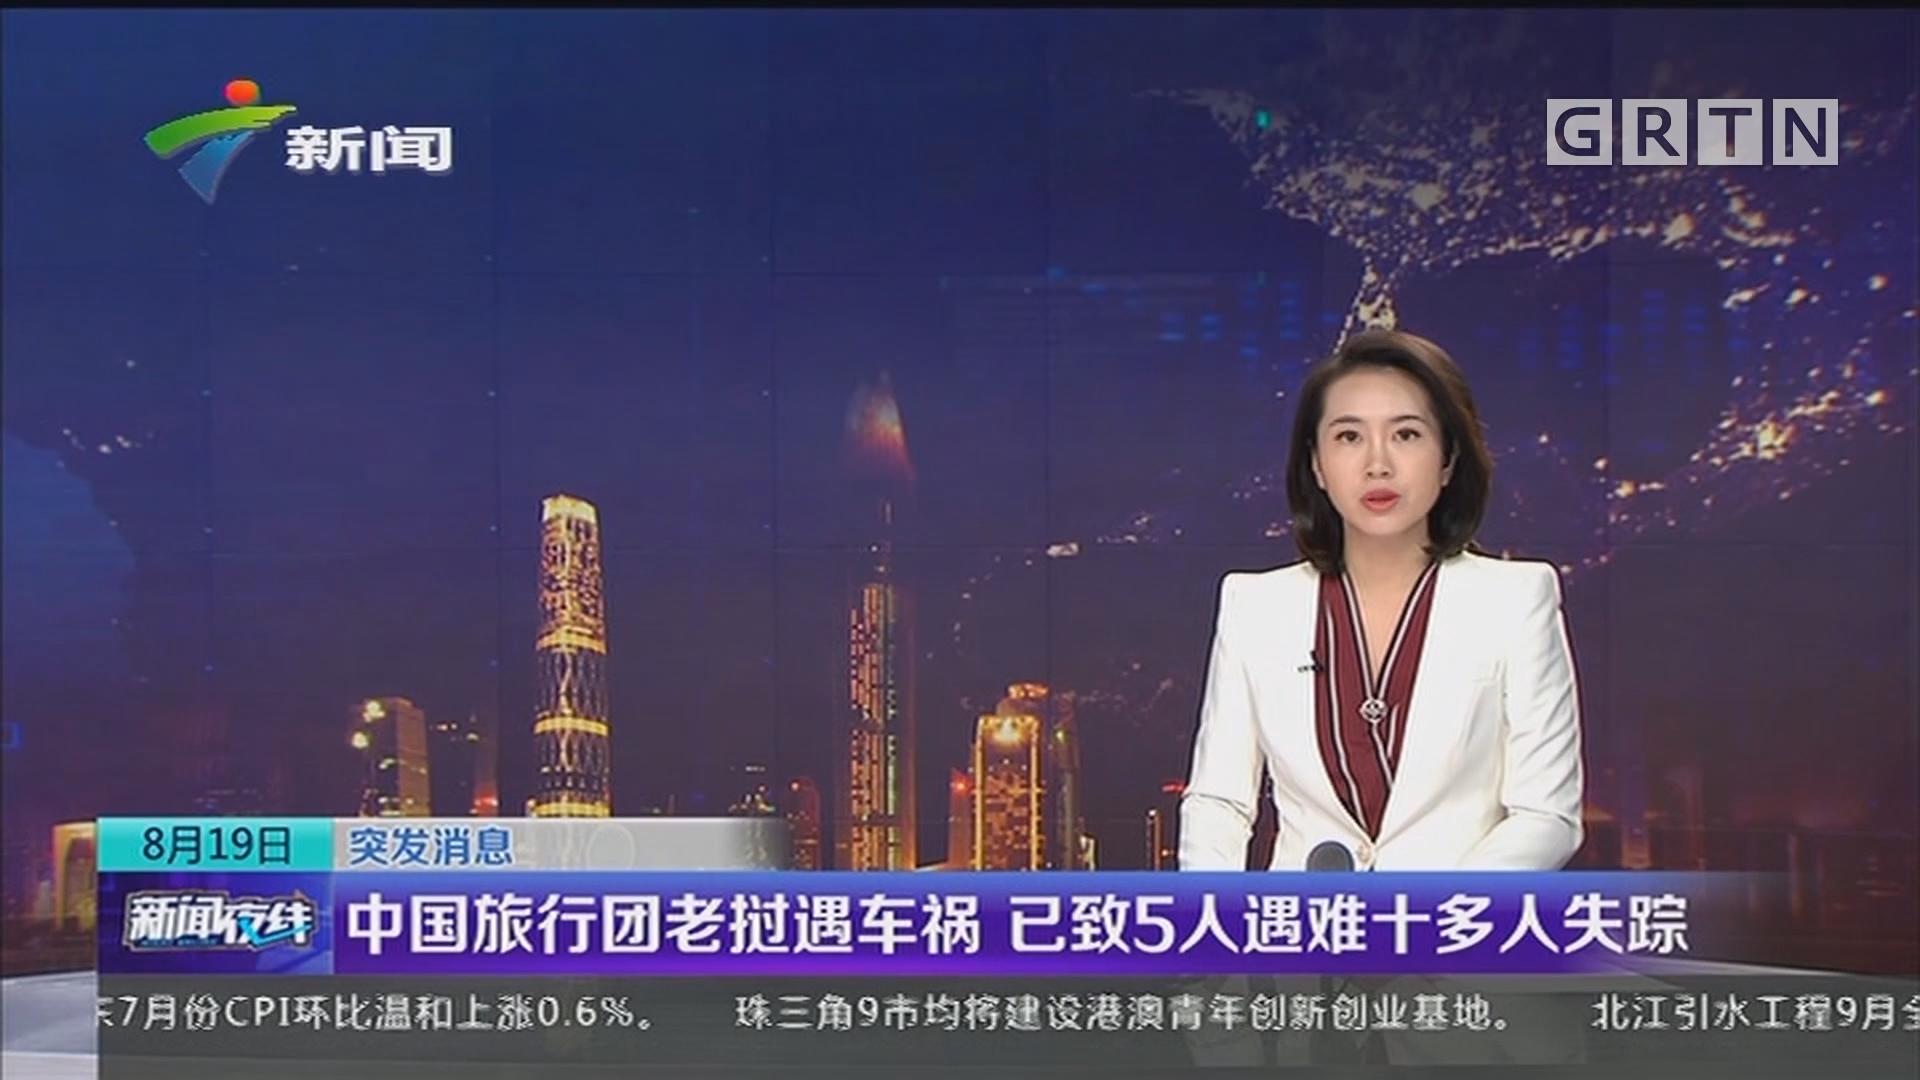 中国旅行团老挝遇车祸 已致5人遇难十多人失踪